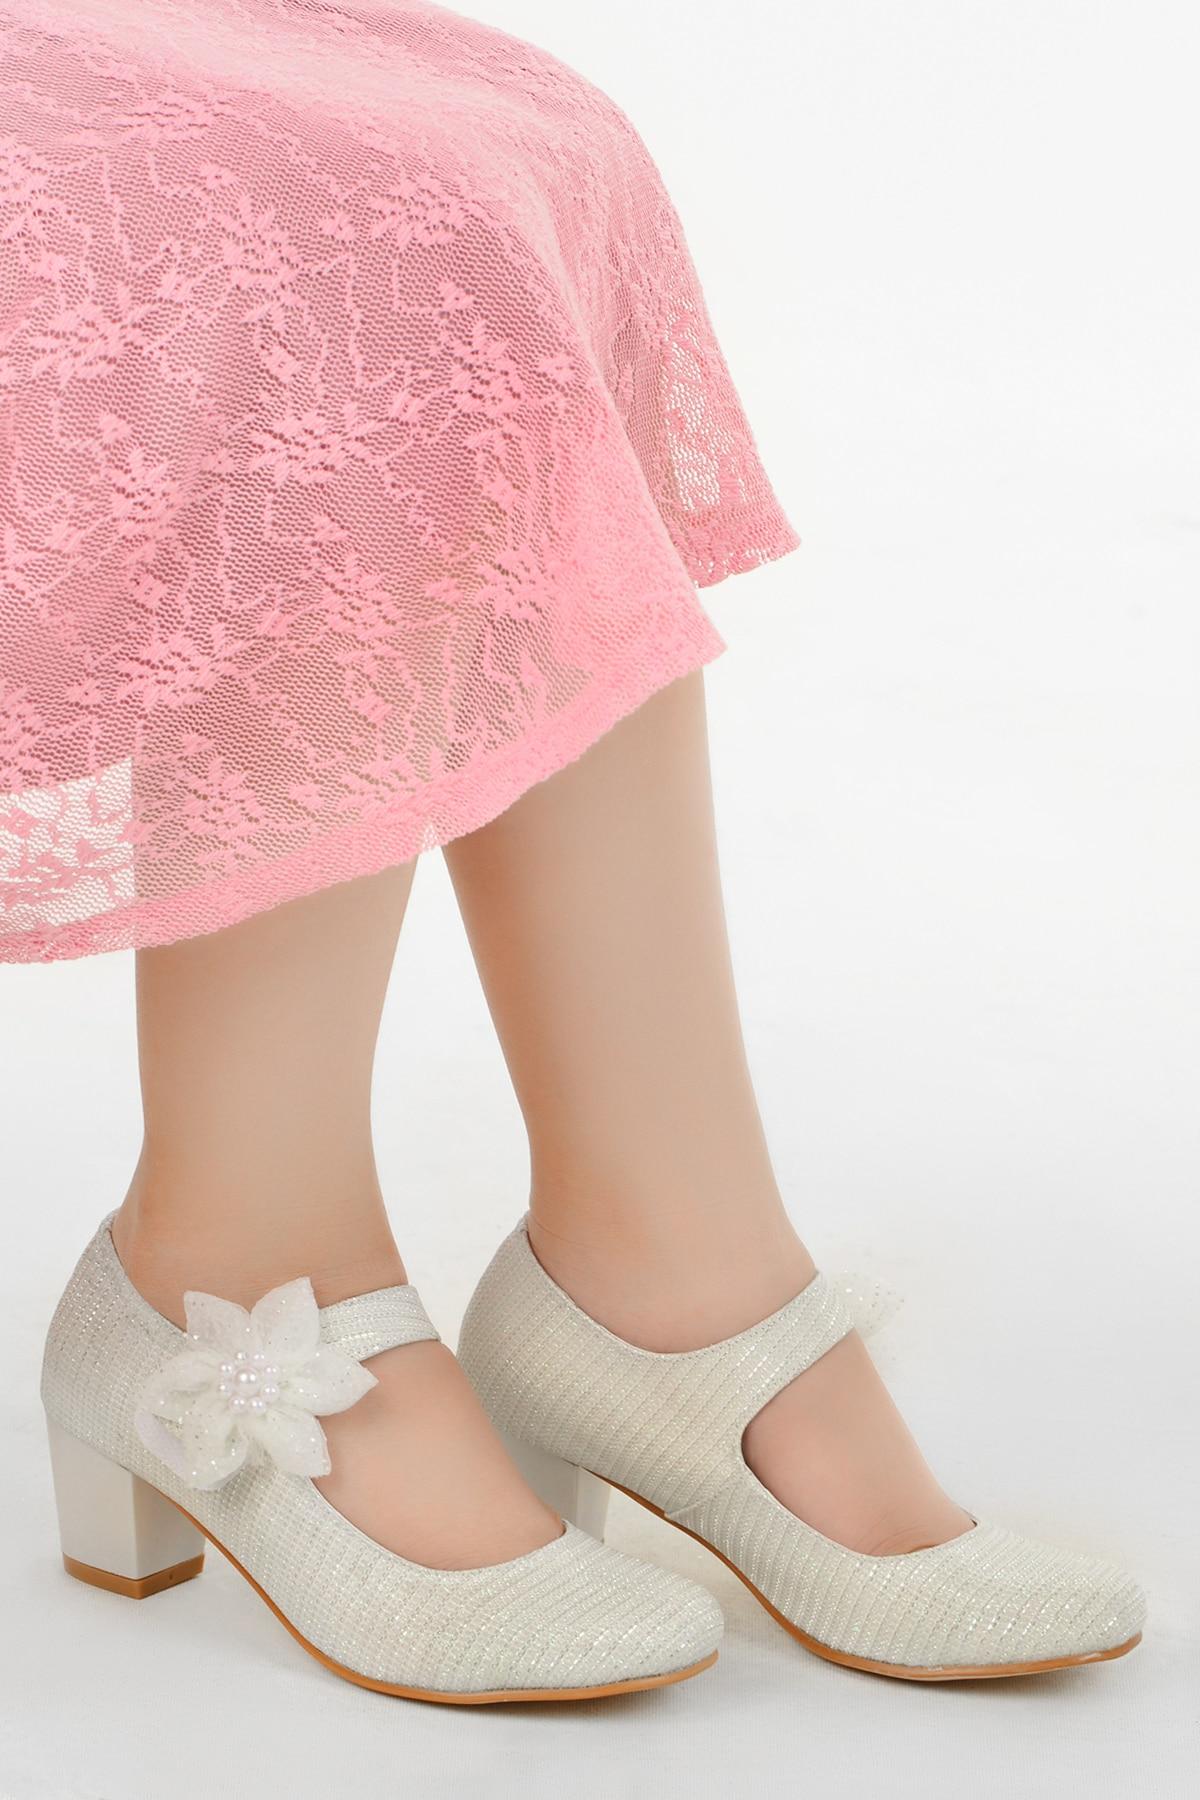 أحذية راقصة باليه من Kiko موديل 751 çأوبرا يوميا للسيدات بكعب 4 سنتيمتر